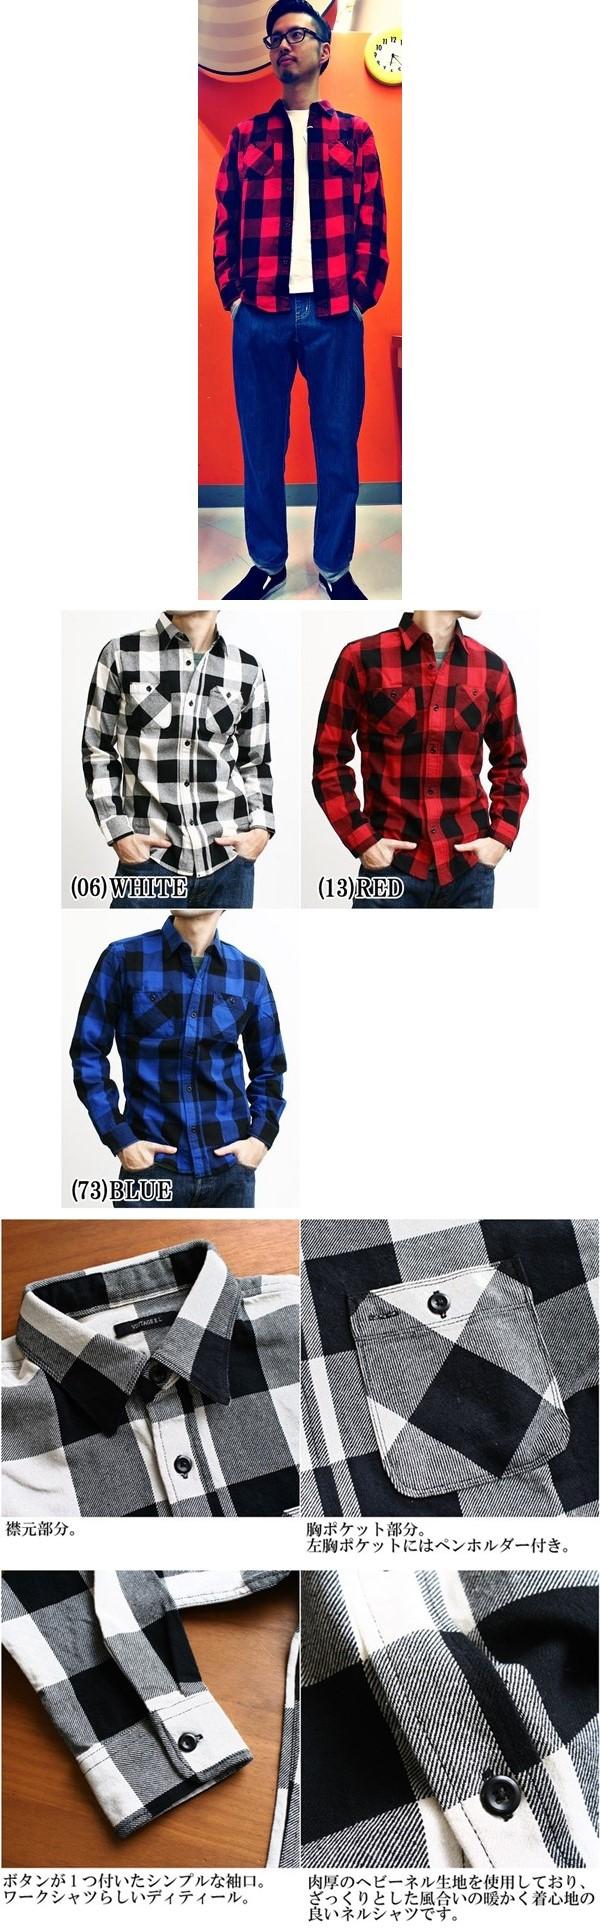 2015-10-11 チックシャツ ヴィンテージイーエル 002 ブログ用-vert バッファローチェック